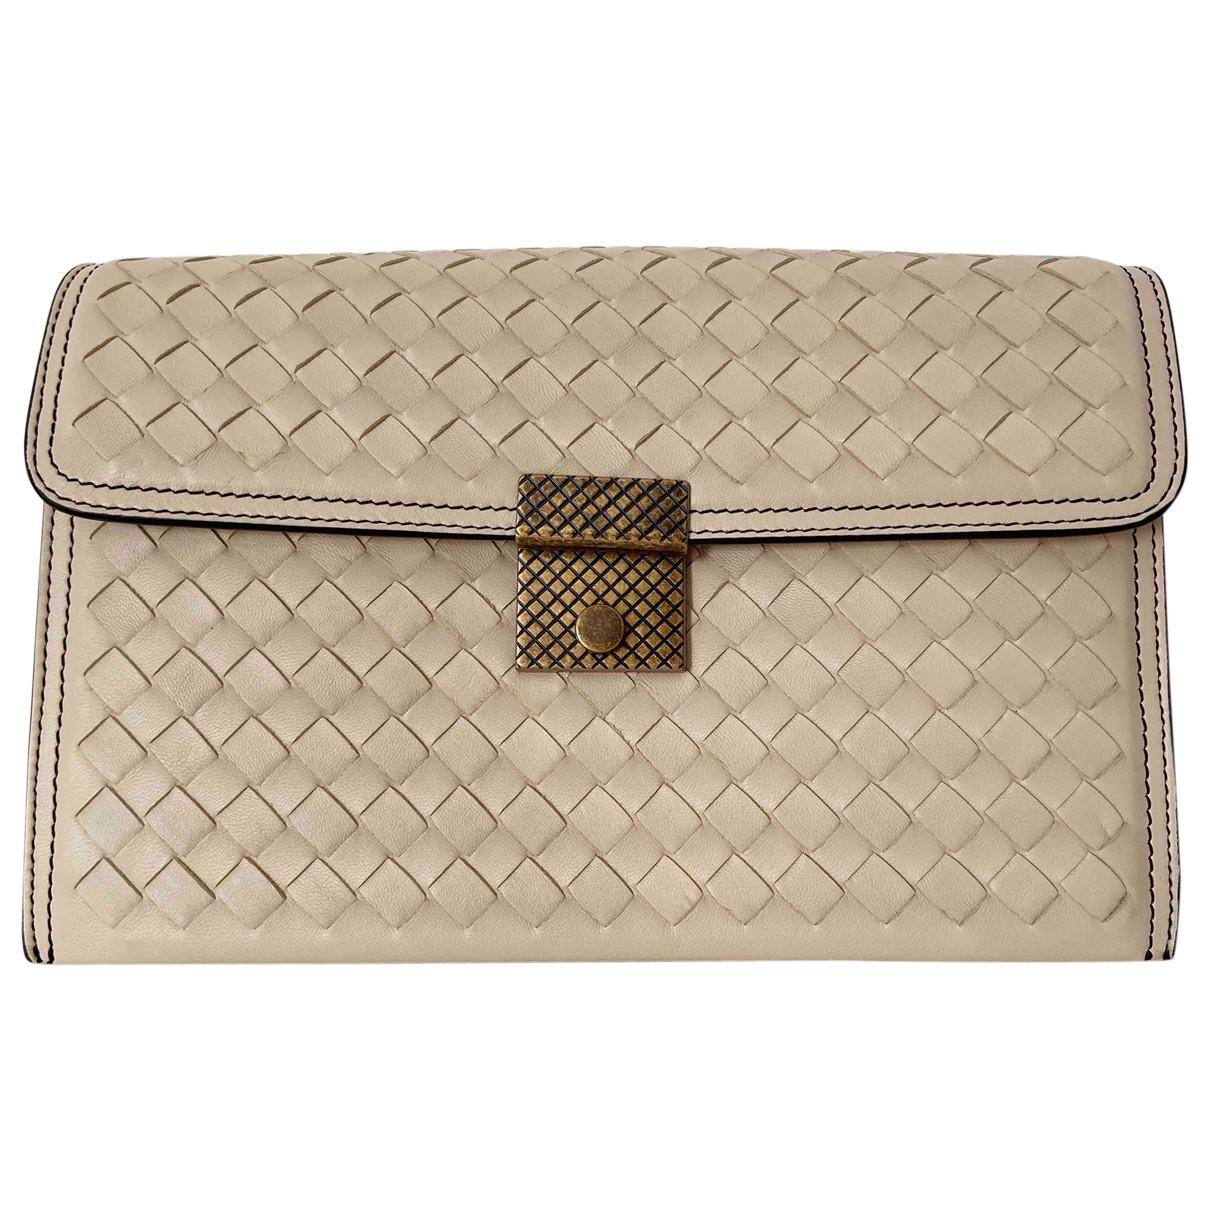 Bottega Veneta \N White Leather handbag for Women \N